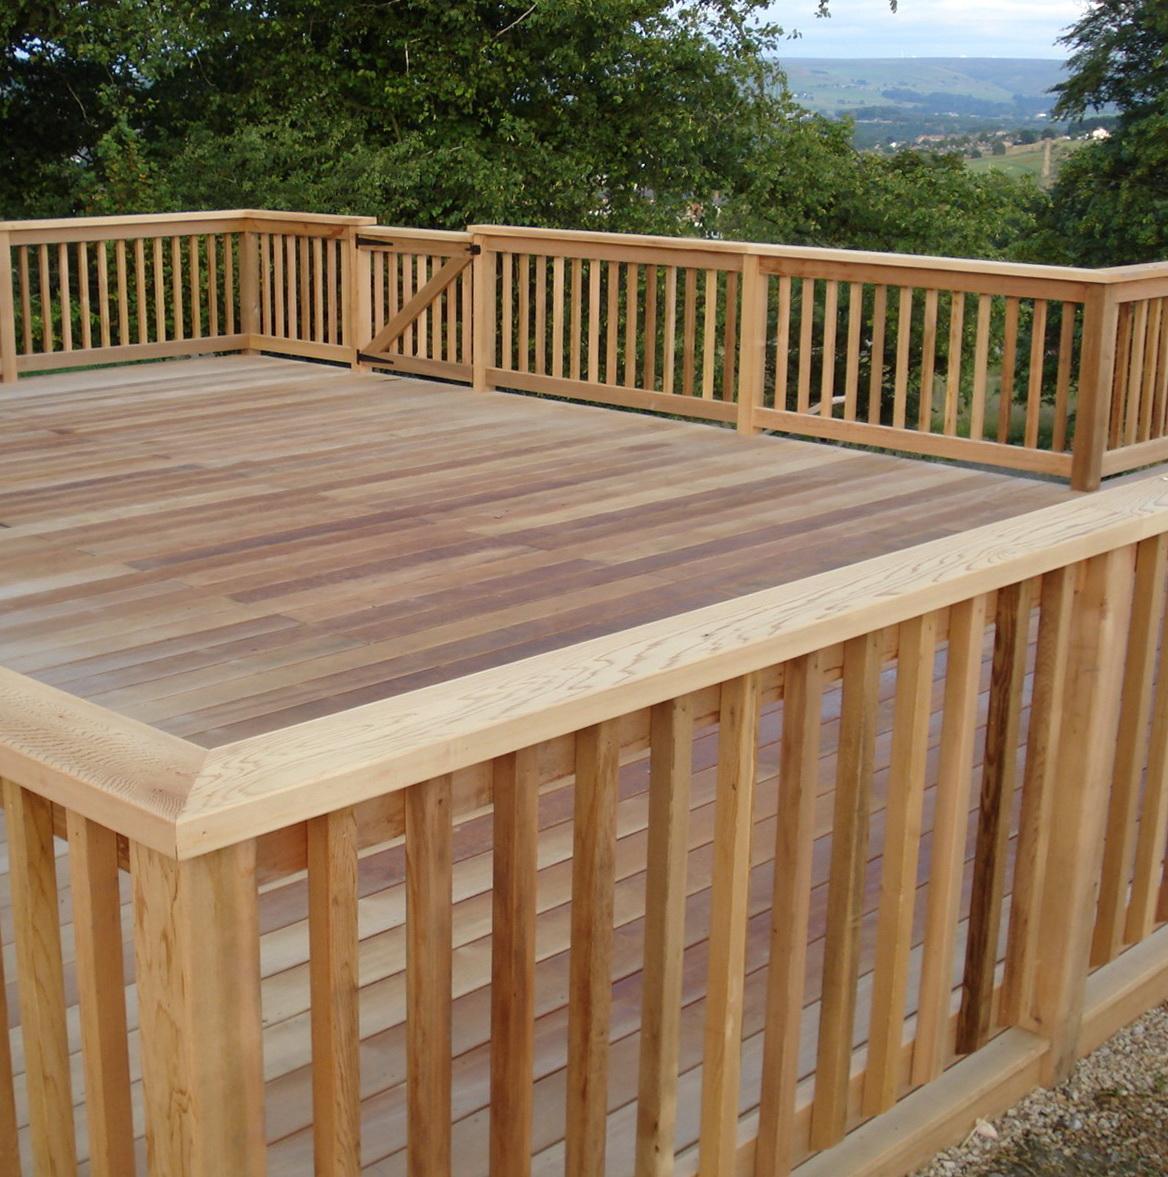 Deck rail designs ideas home design ideas for Wood deck design plans